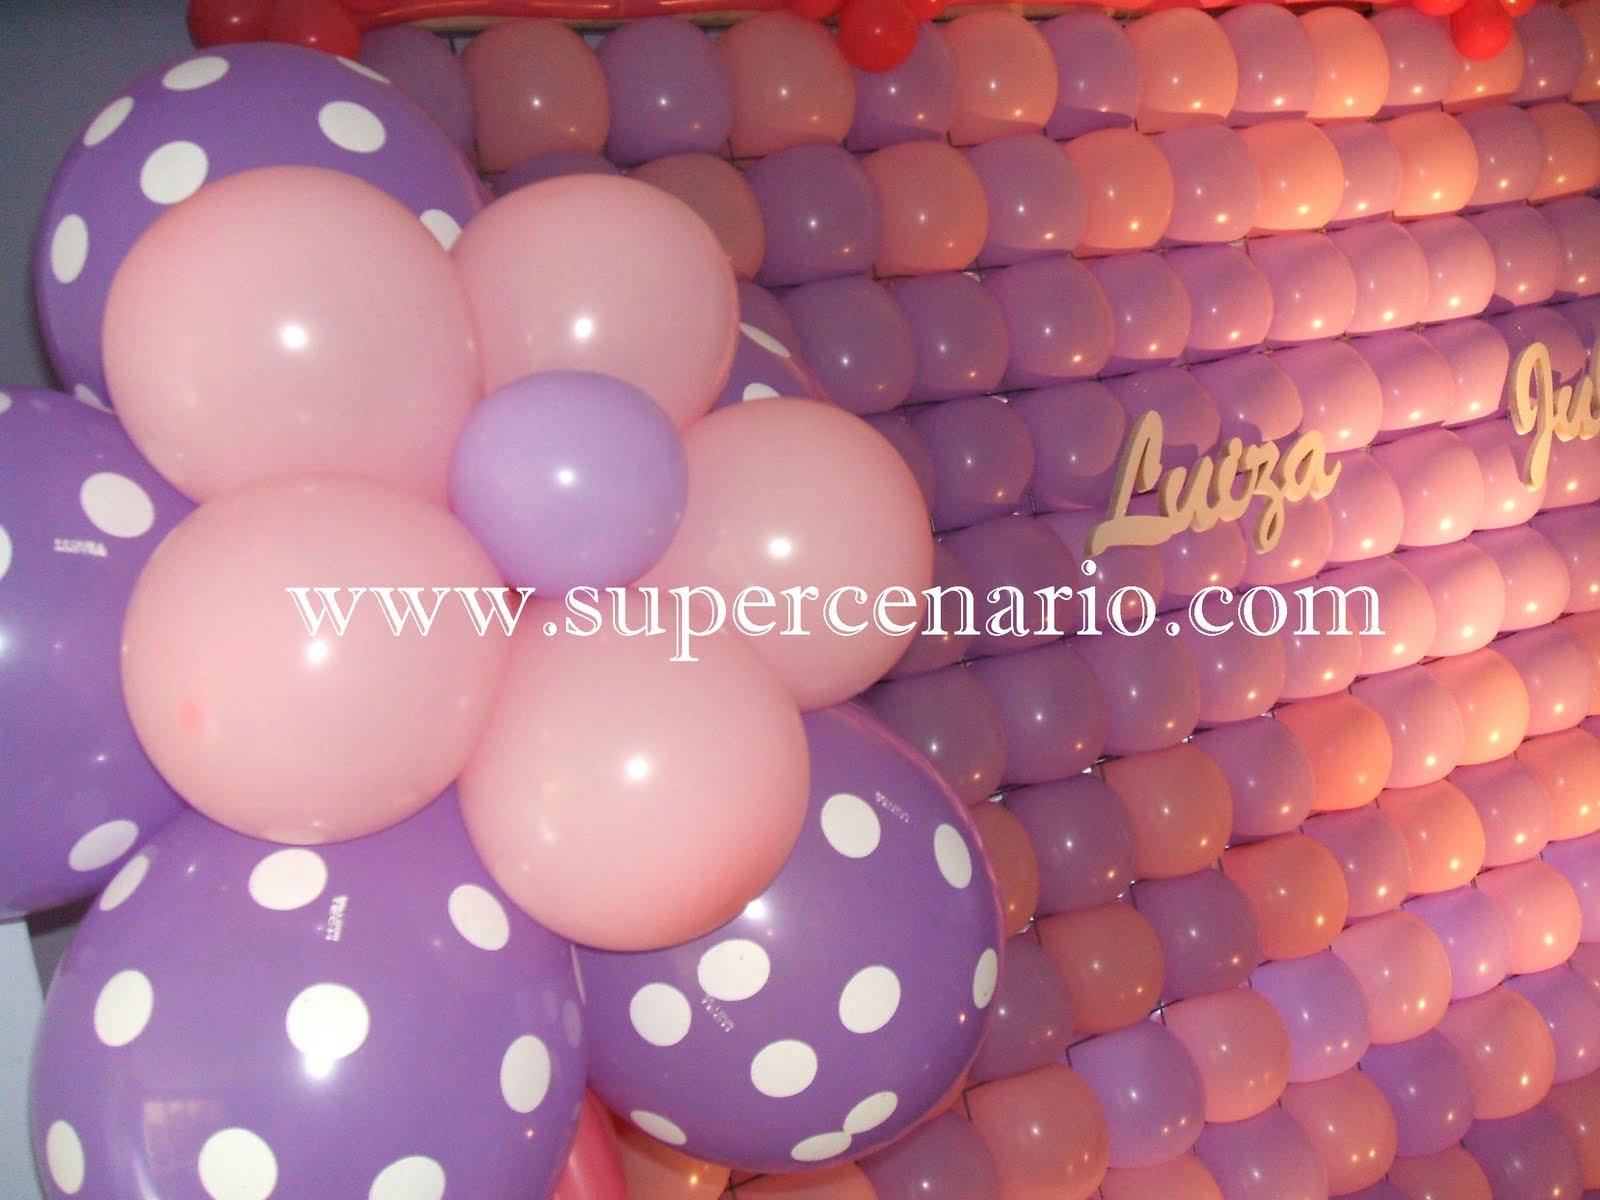 Flores com balões de poá nas laterais da mesa deixam o conjunto